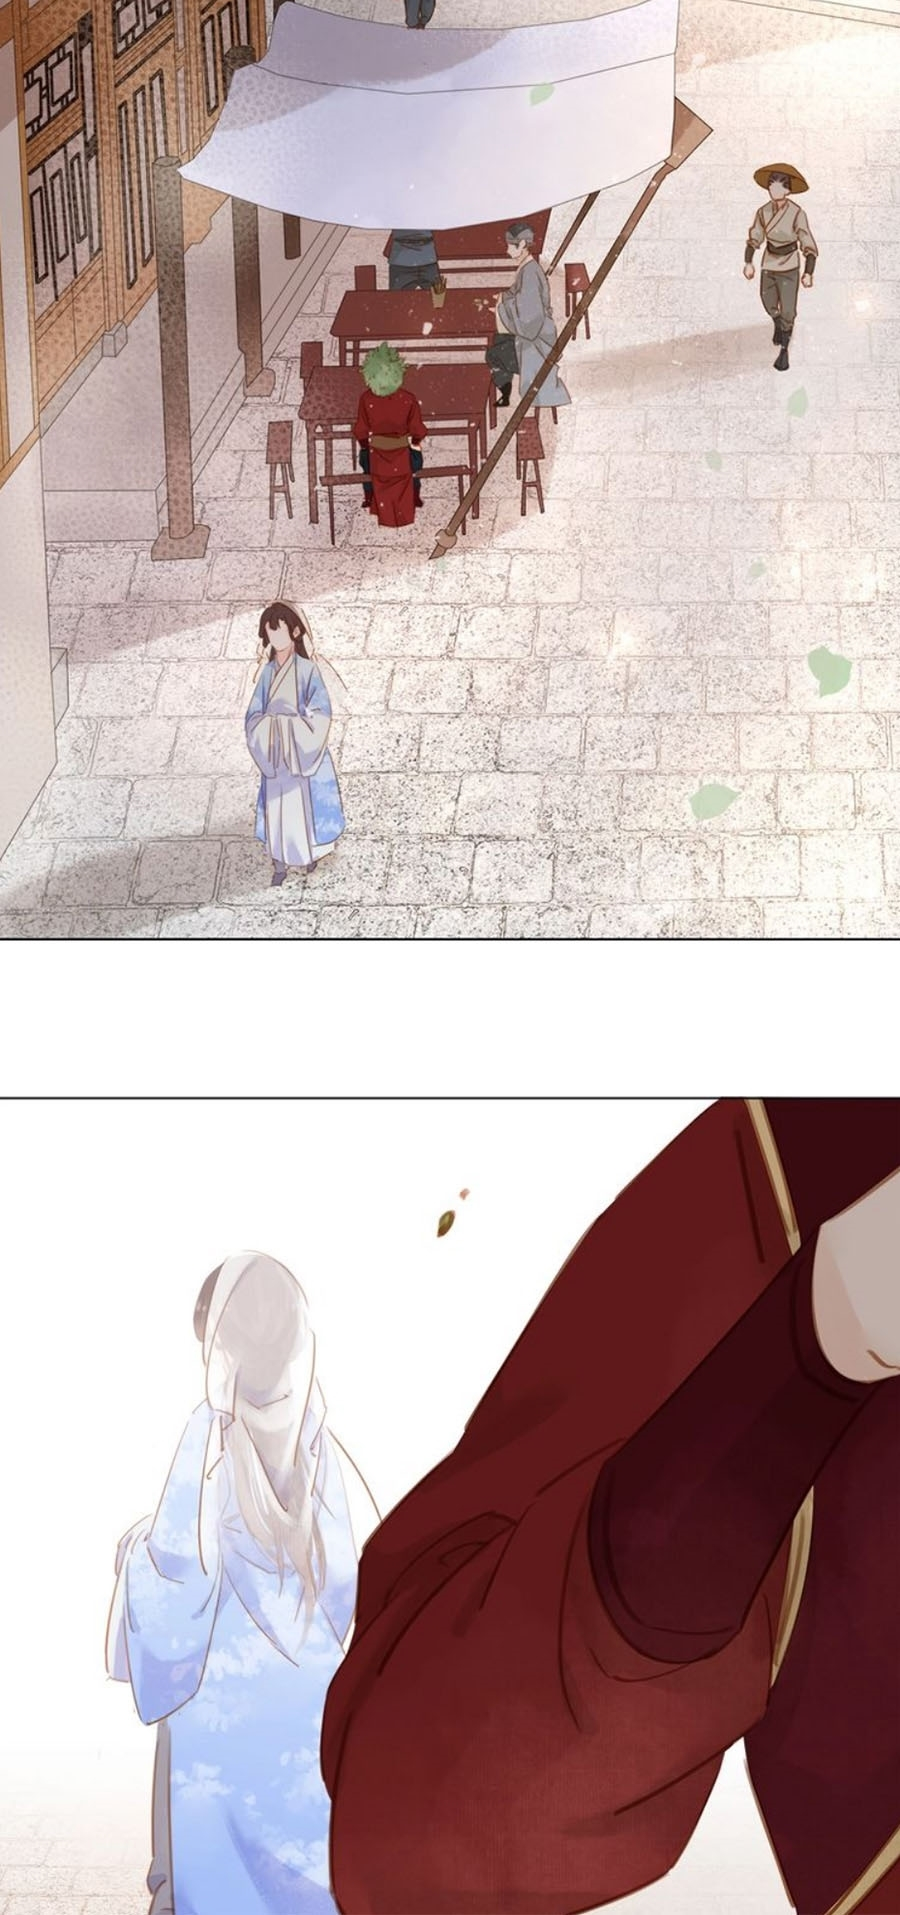 Tiểu sư phụ, tóc giả của ngài rơi rồi! chap 11 - Trang 17